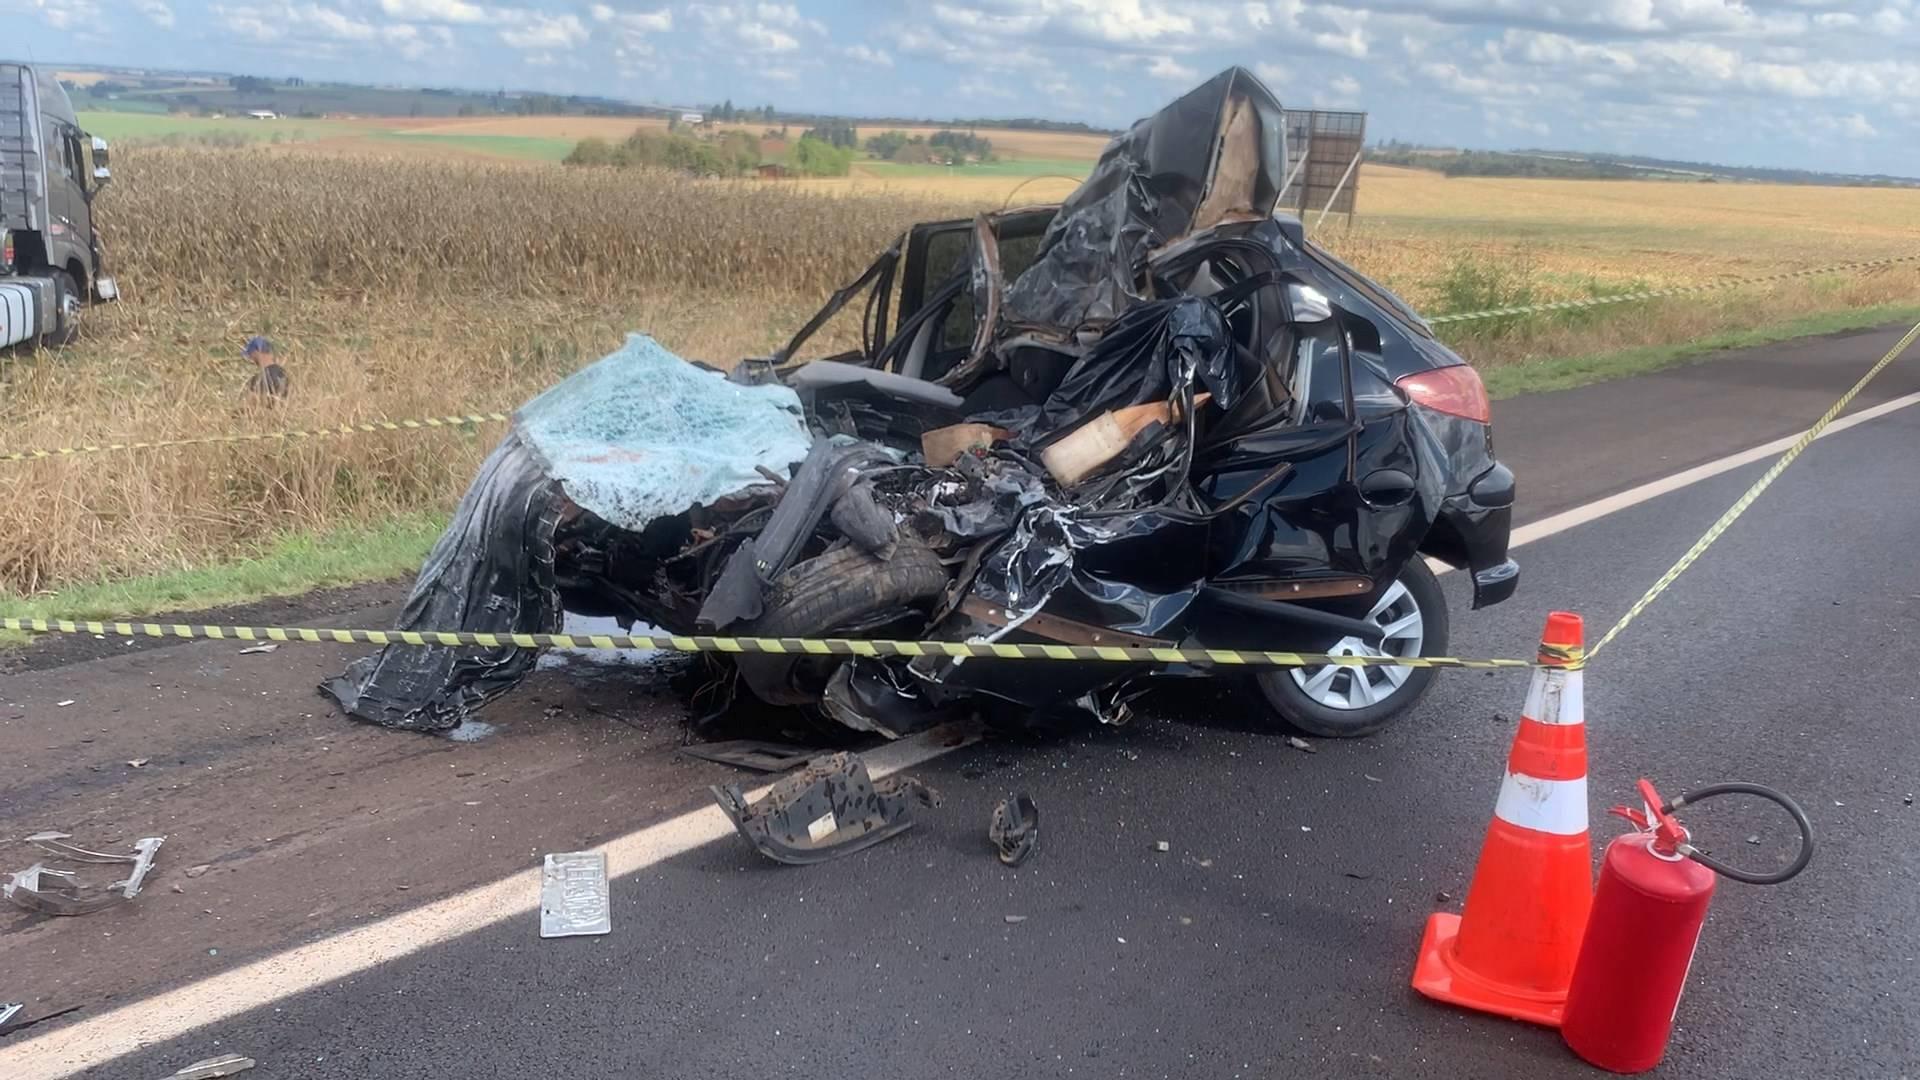 Identificada vítima fatal de colisão frontal na BR-369 em Cascavel